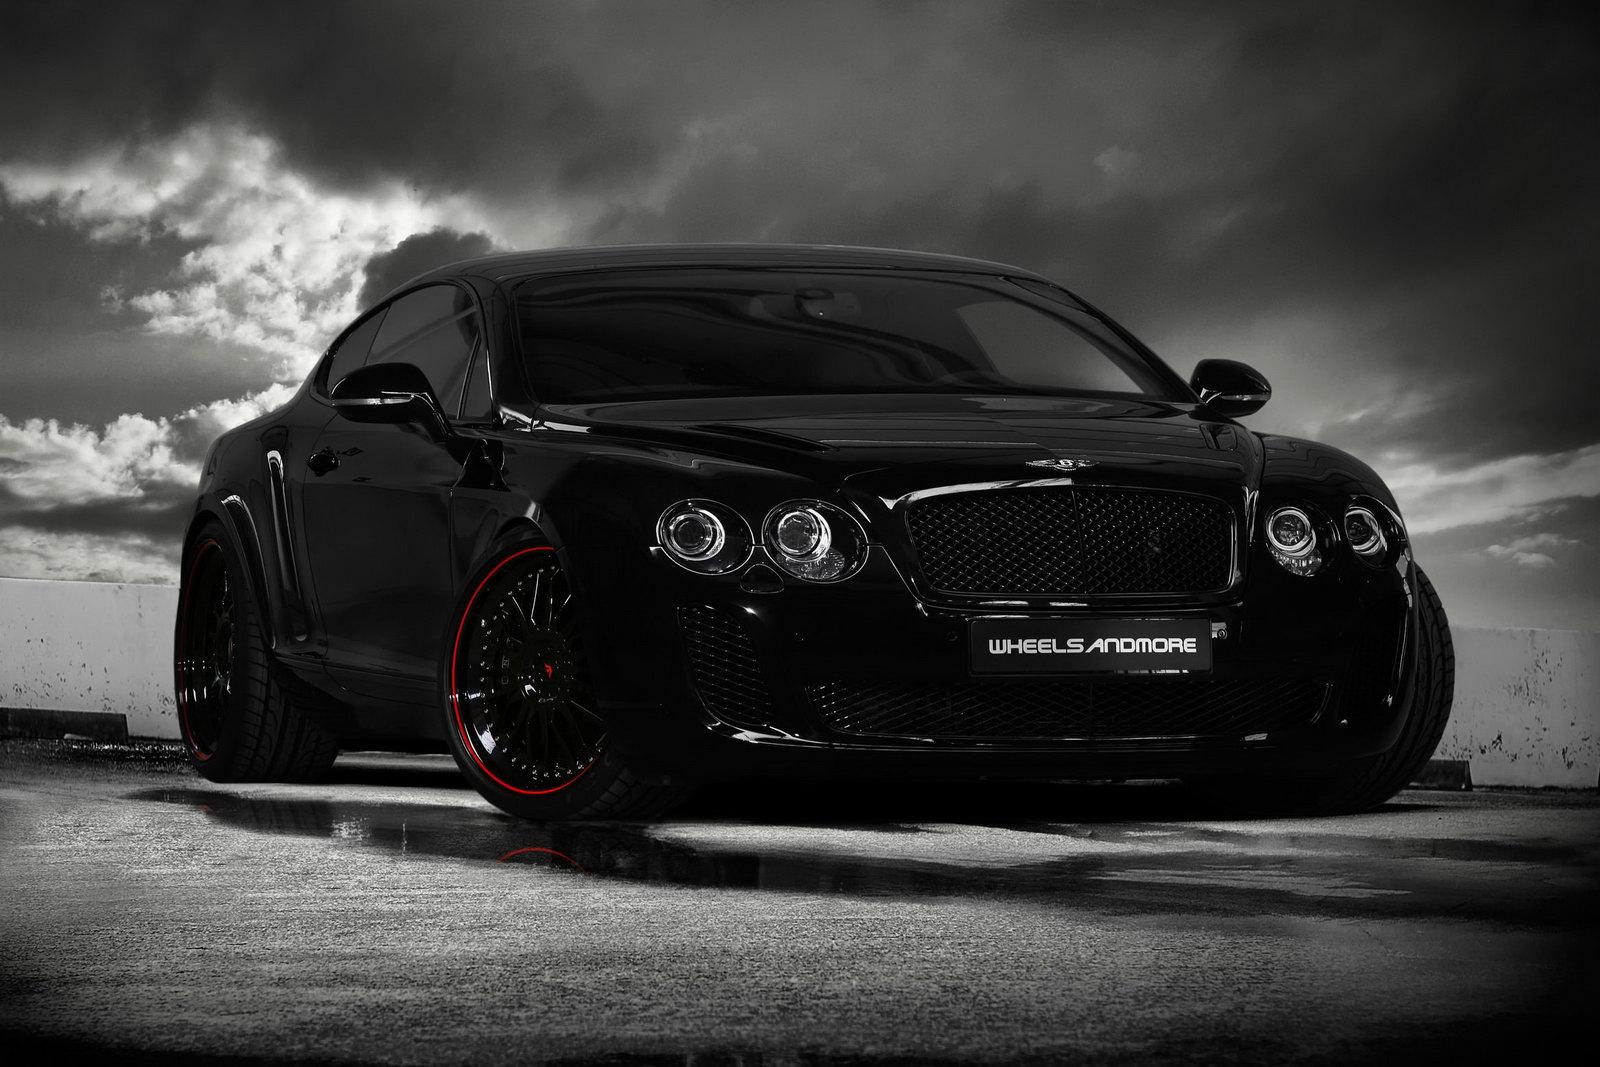 Luxury Vehicle: 超高級車ベントレーの高画質壁紙まとめ。